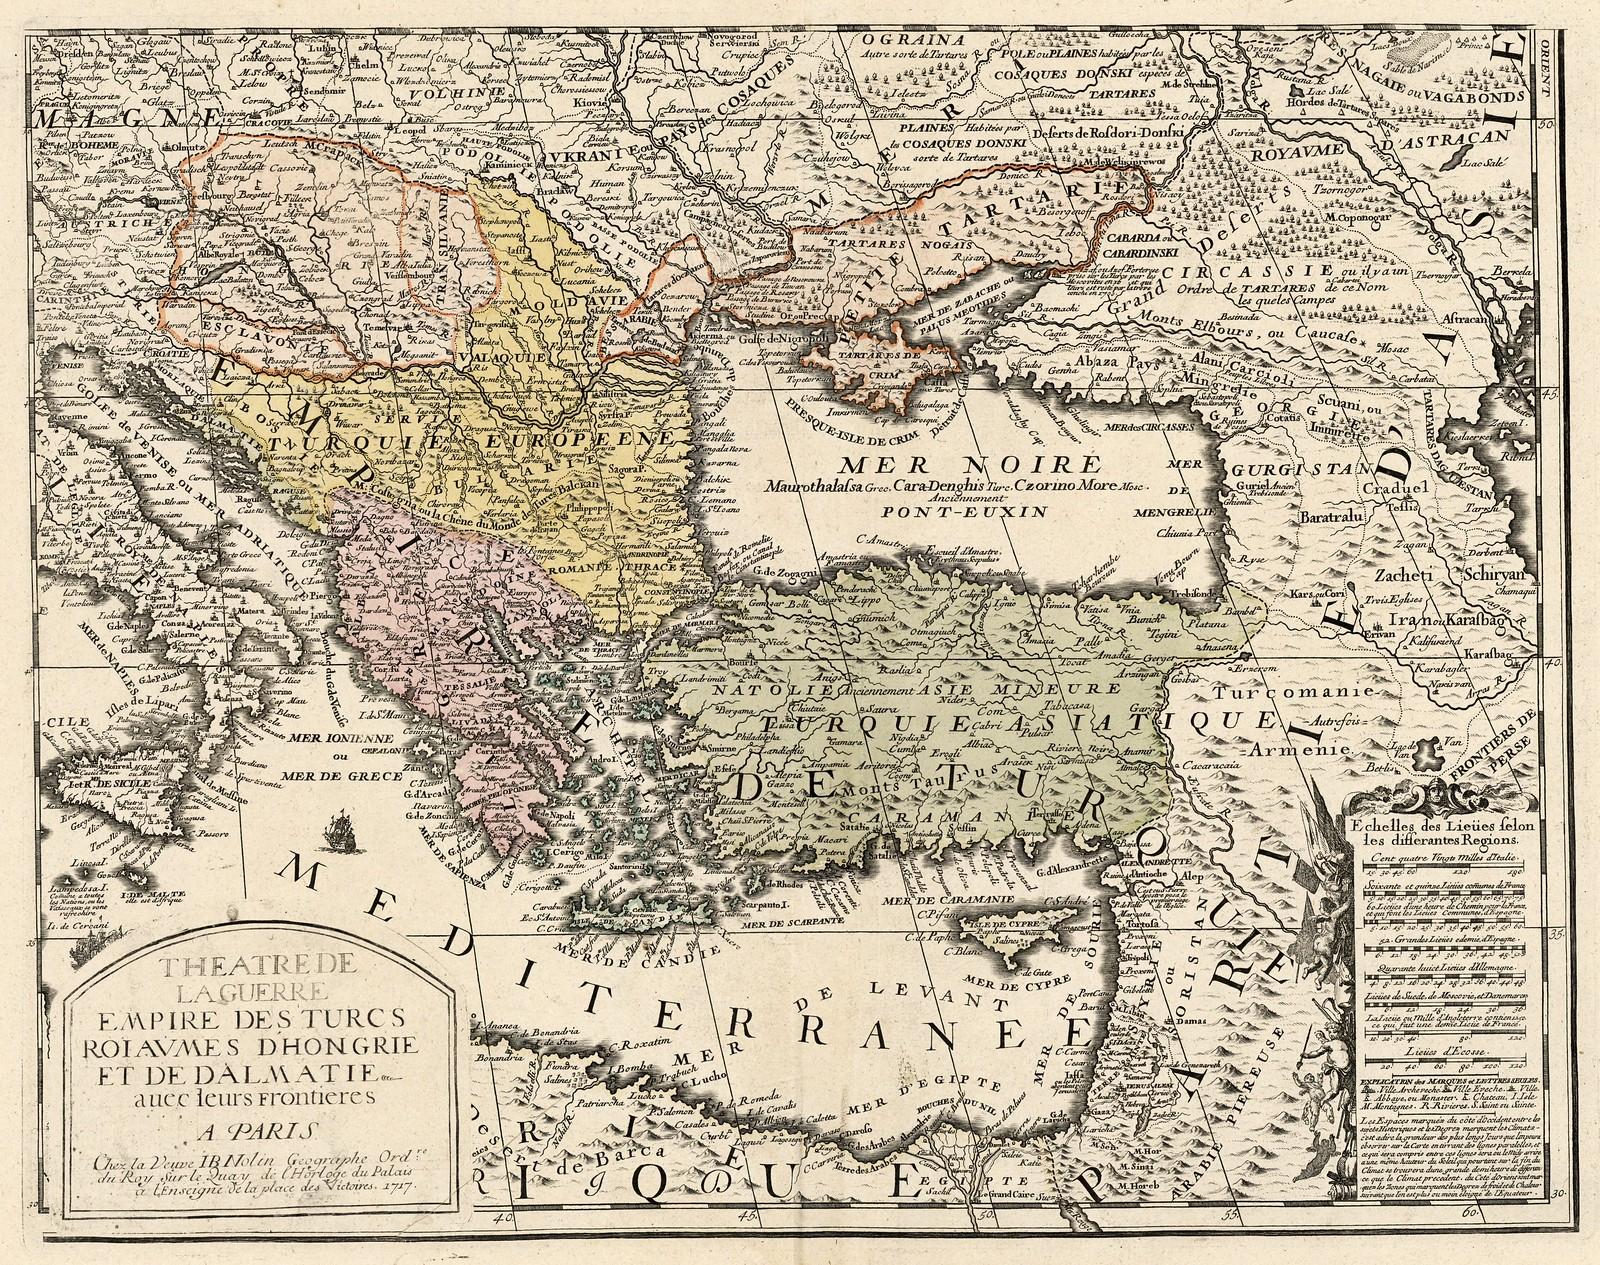 1717. Театр военных действий Турецкой Империи, Королевство Венгрия и Далмация с их границами, Жан Батист, Париж